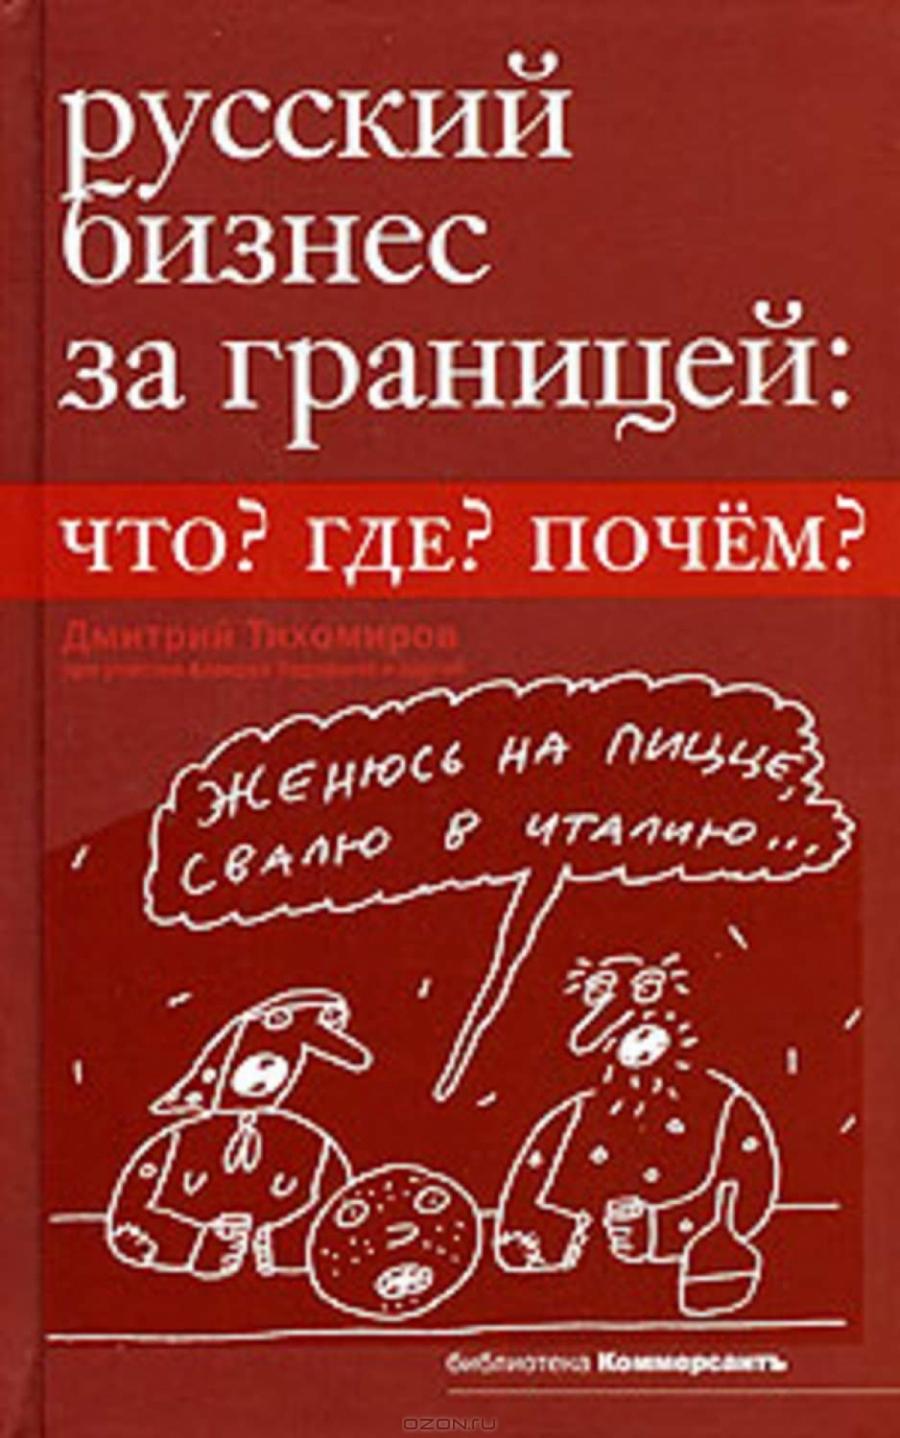 Обложка книги:  библиотека коммерсантъ - тихомиров д. - русский бизнес за границей. что где почем